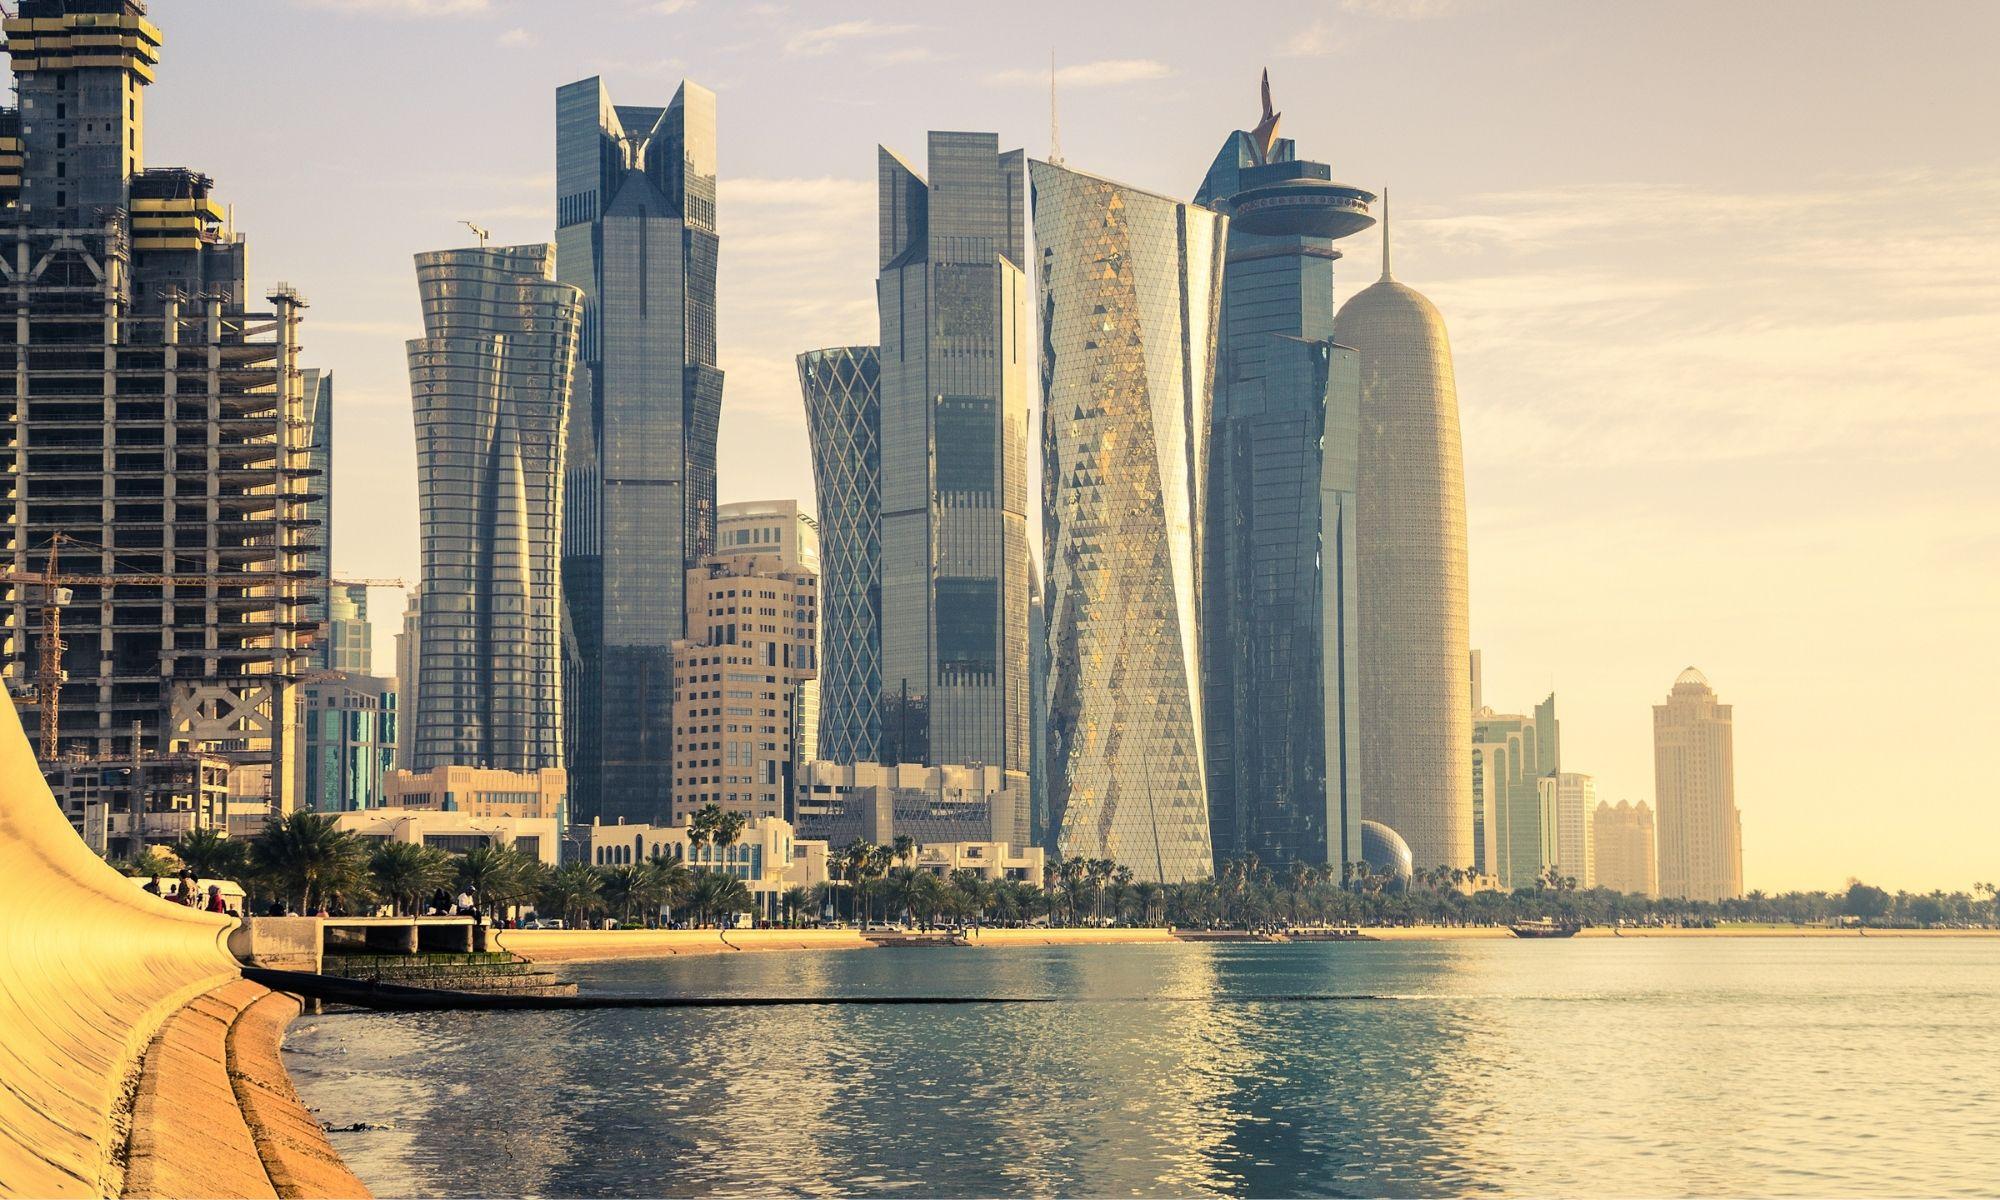 Fin de l'embargo, les Émirats arabes unis rouvrent leurs frontières au Qatar